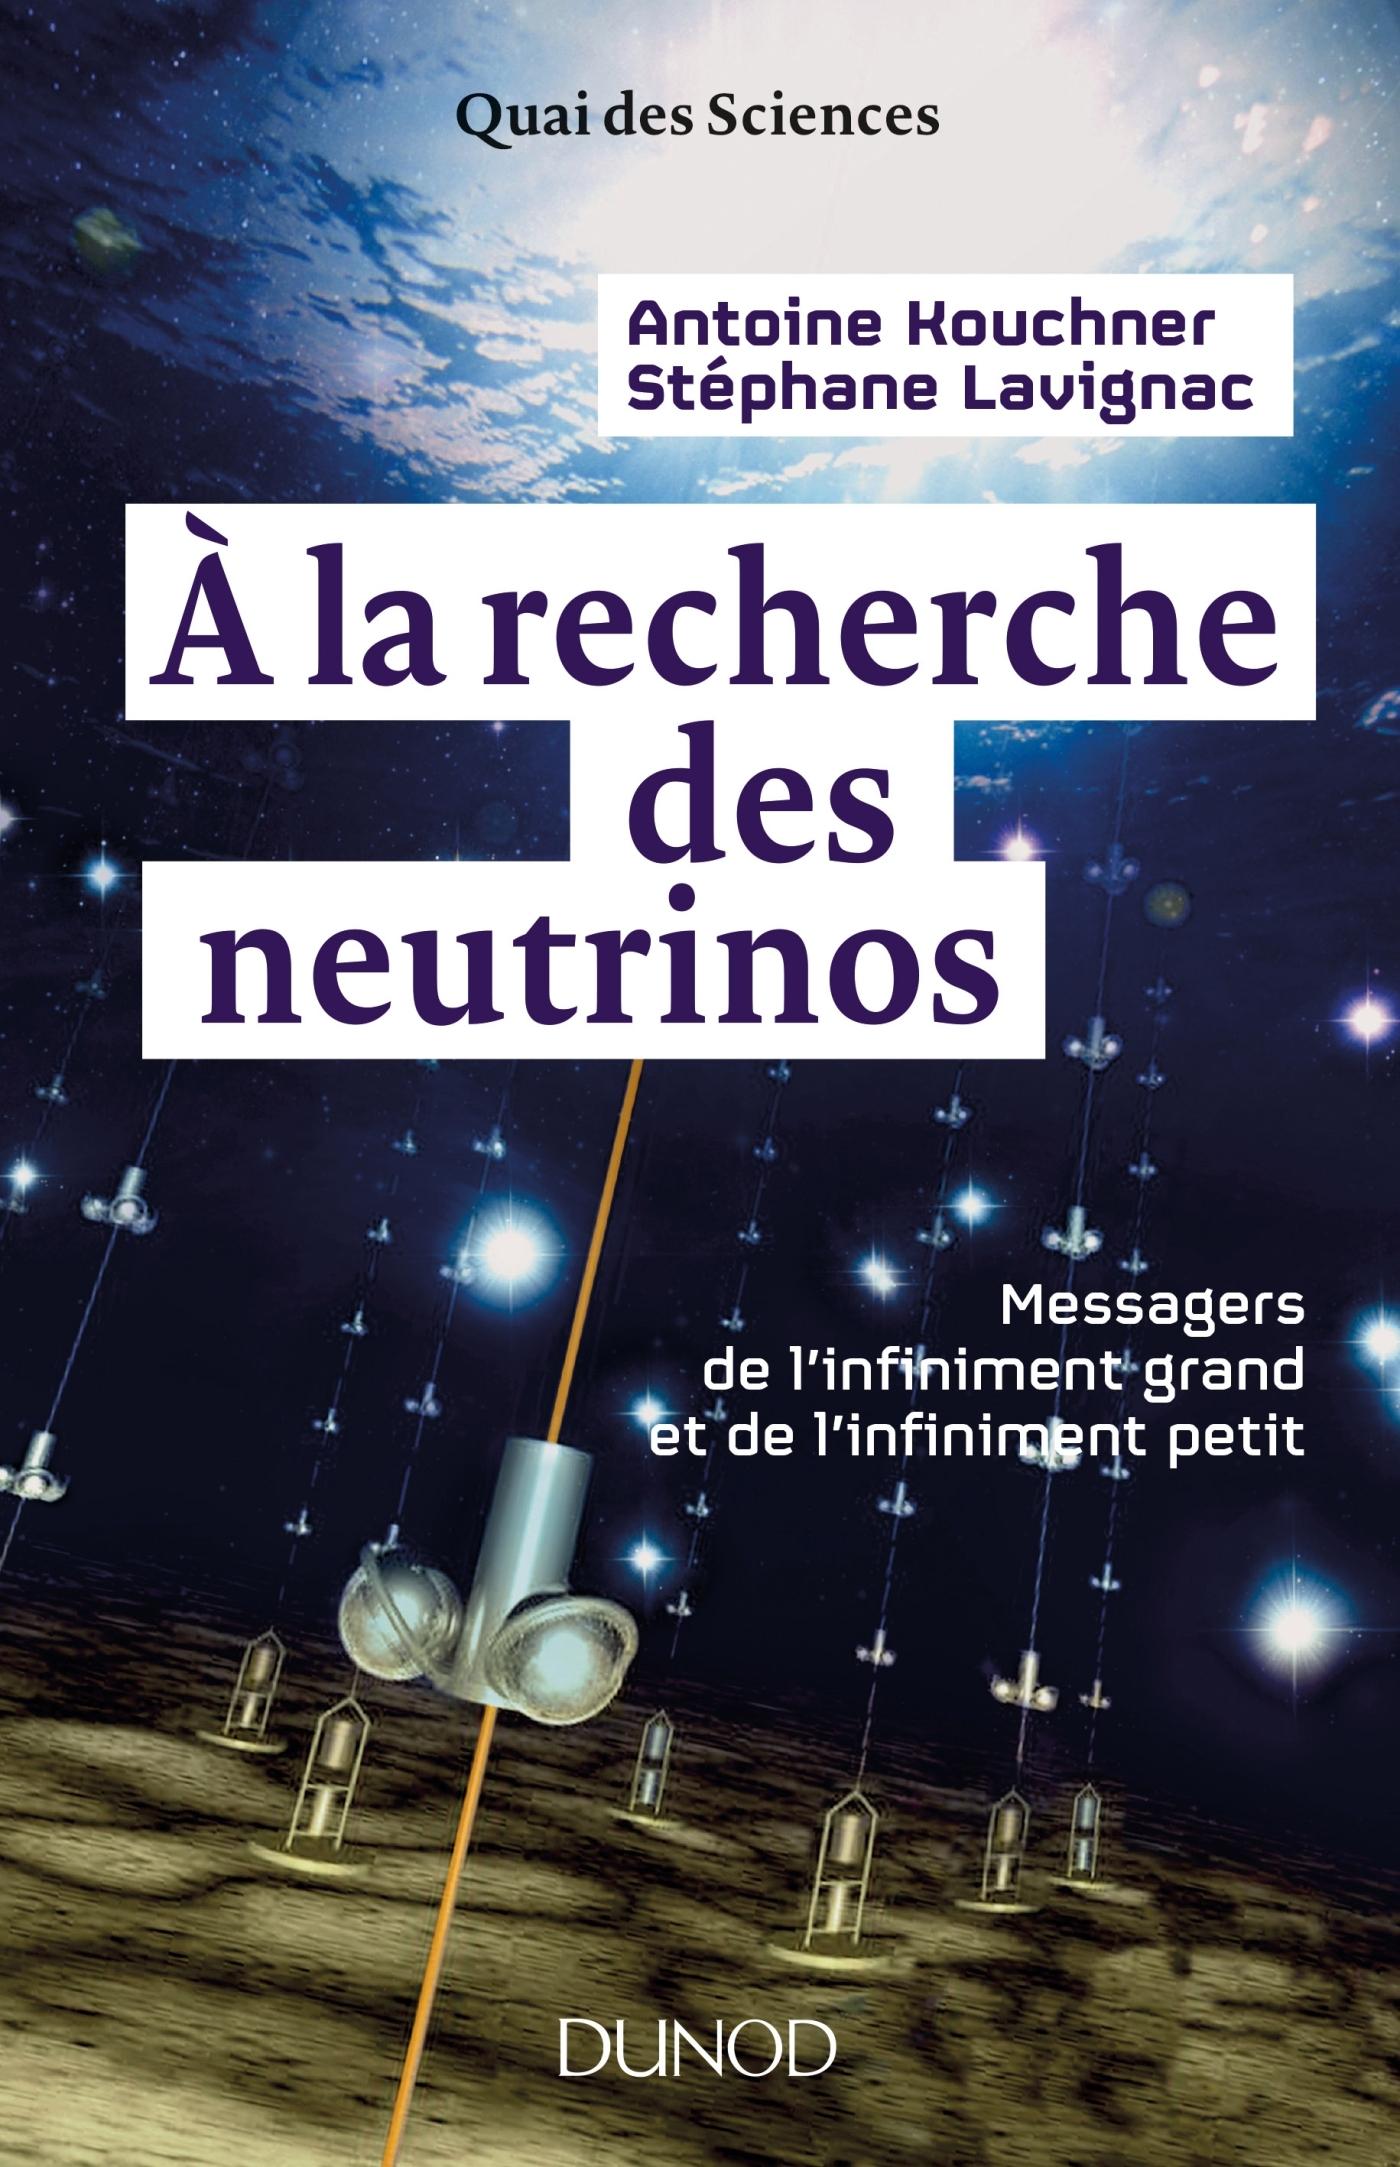 A LA RECHERCHE DES NEUTRINOS - MESSAGERS DE L'INFINIMENT GRAND ET DE L'INFINIMENT PETIT